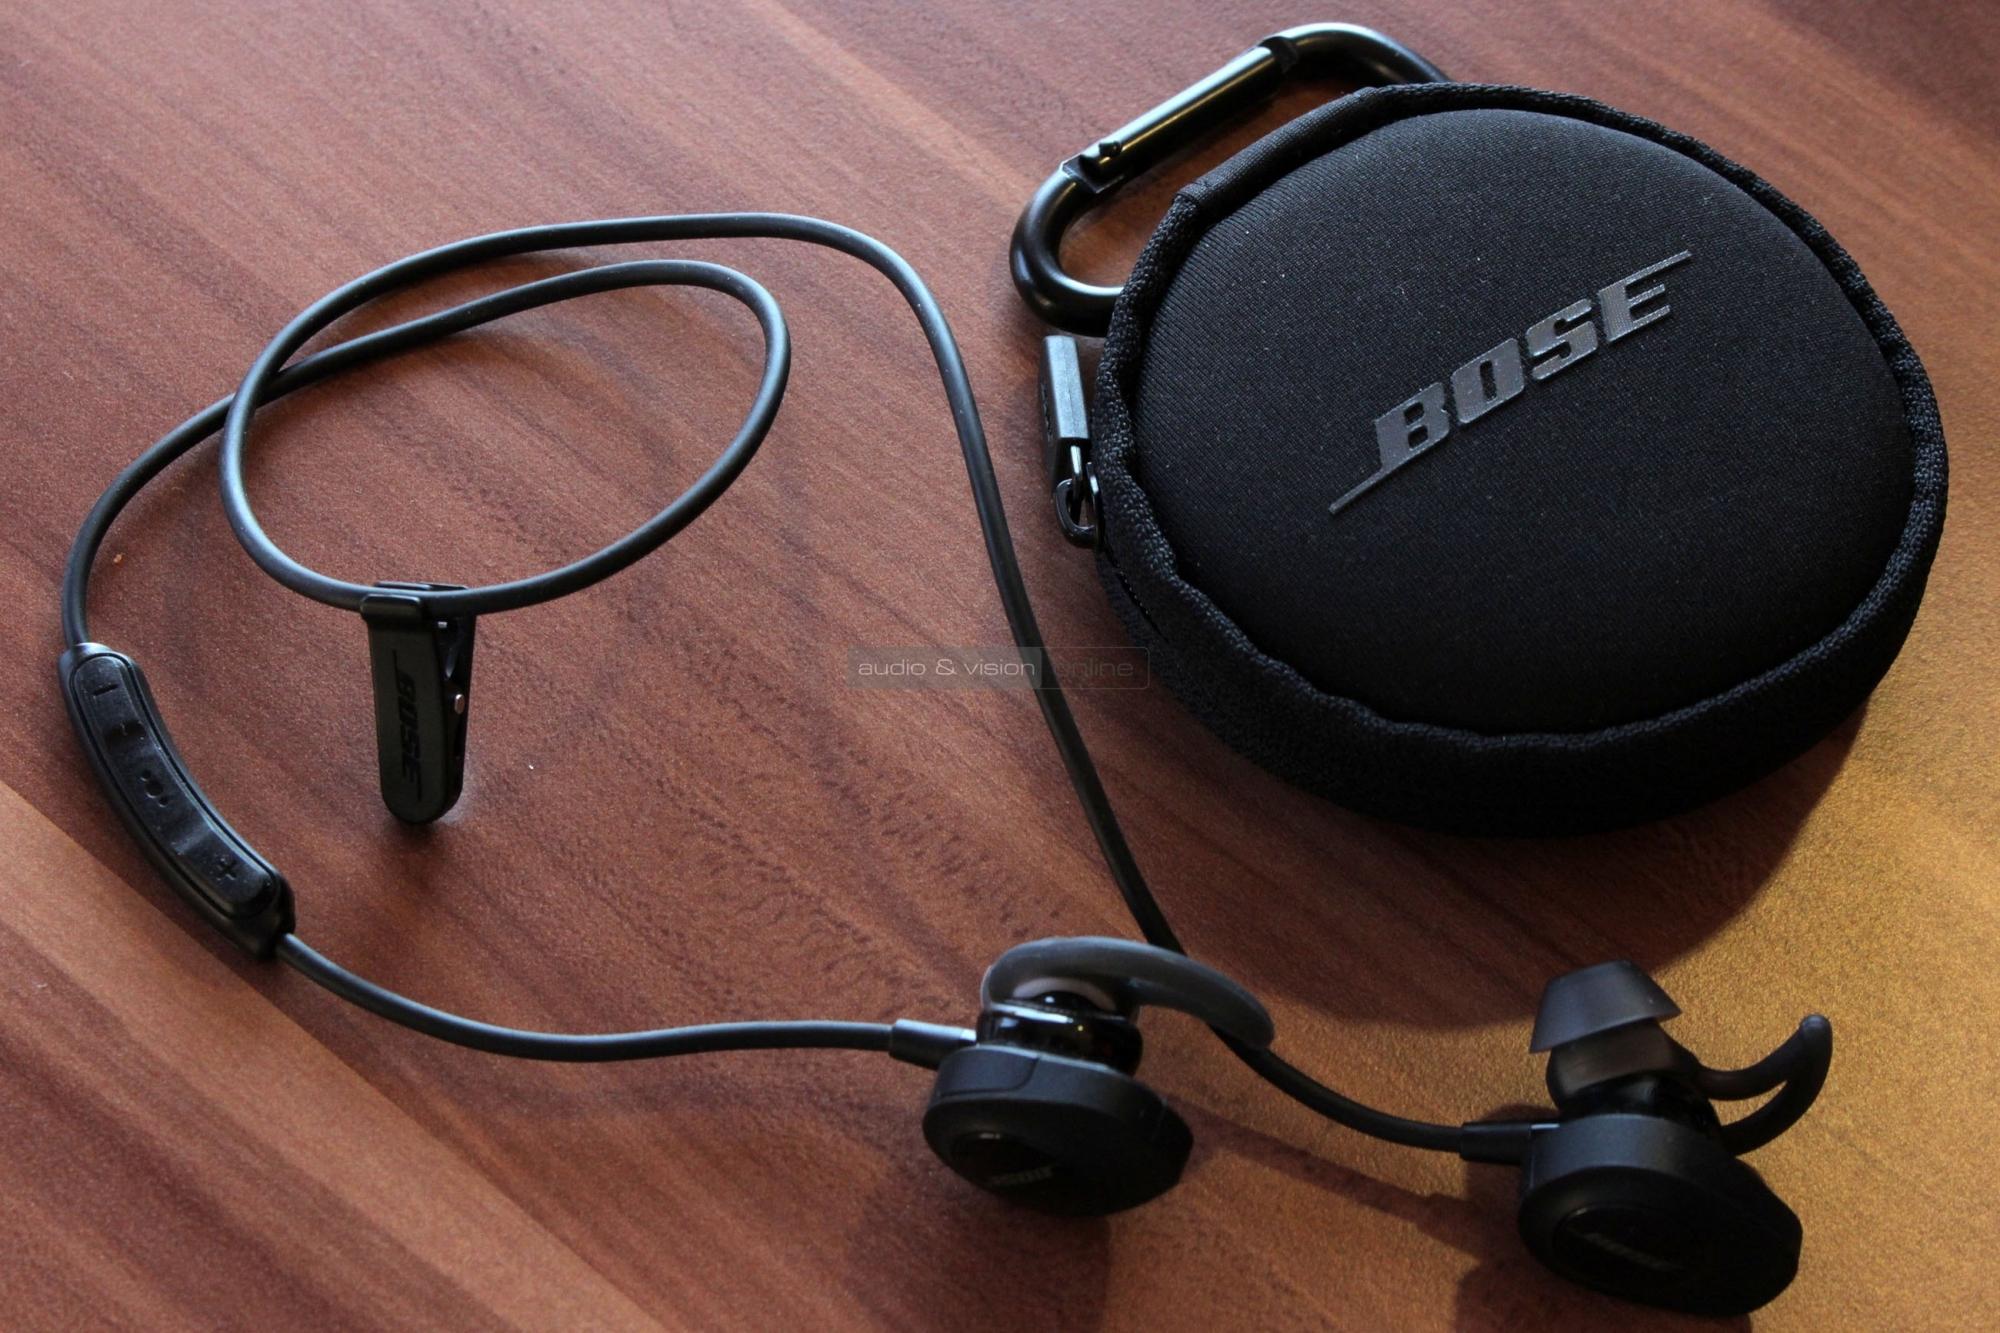 Bose SoundSport Wireless Bluetooth sportfülhallgató teszt  deb22fbf89